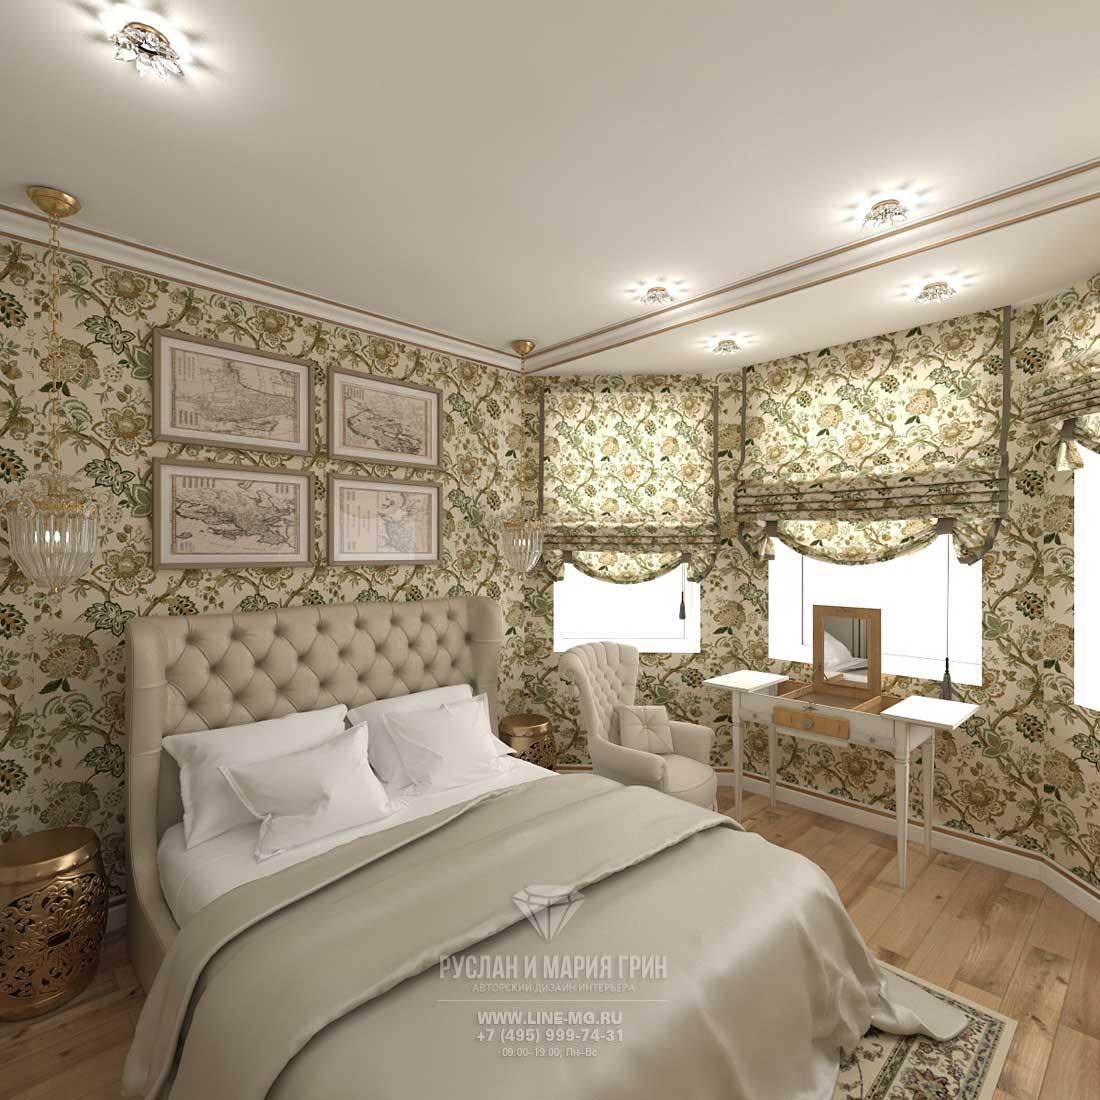 Дизайн гостевой комнаты. Фото 2016